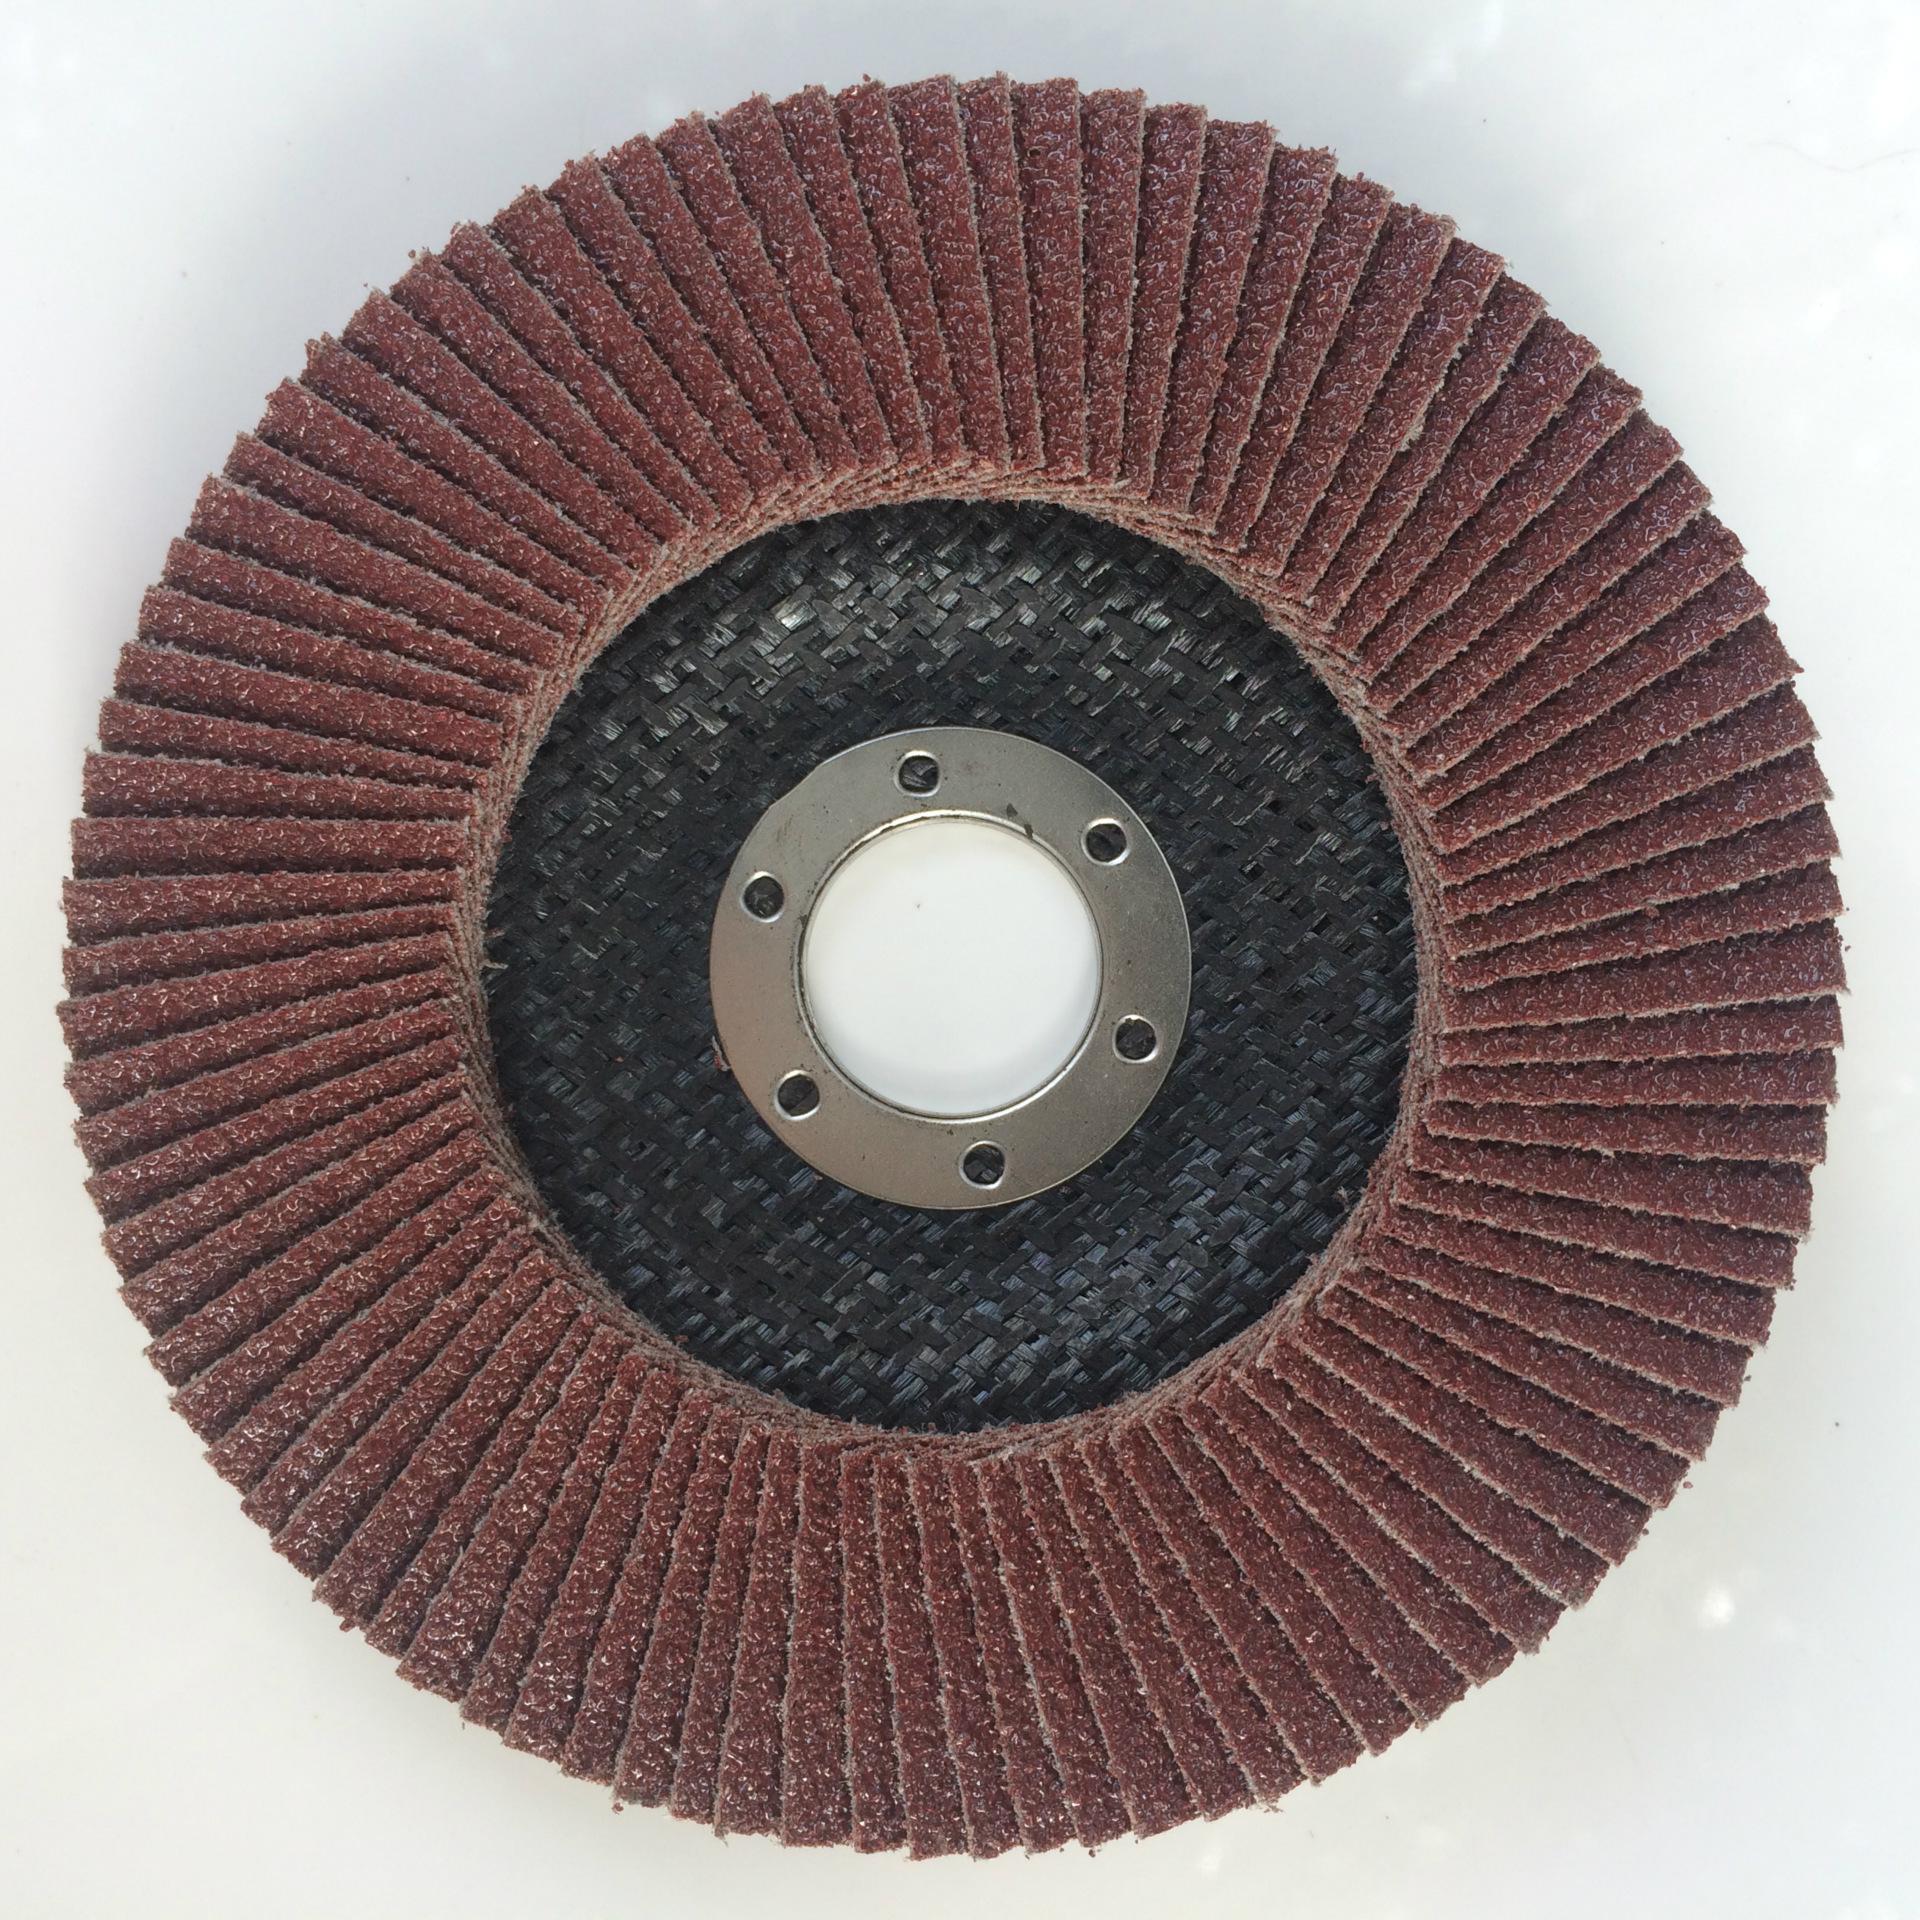 LIANGDI Công cụ mài Đánh bóng nhà sản xuất đĩa mài tùy chỉnh linh hoạt đĩa mài